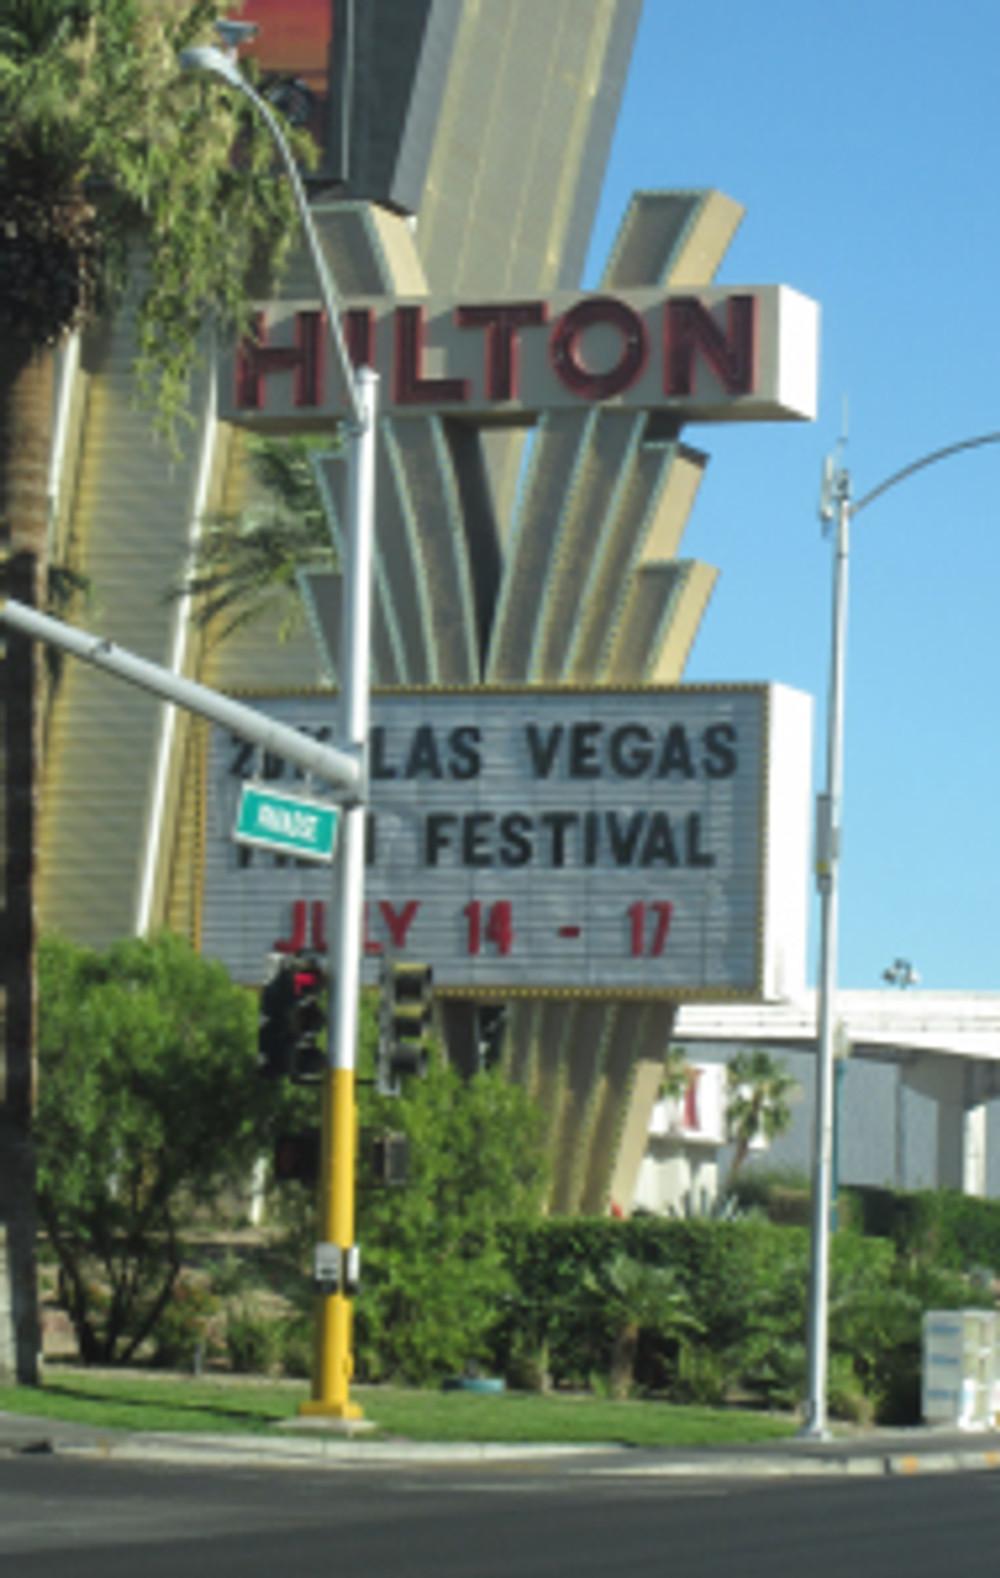 Las Vegas Film Festival Marquee